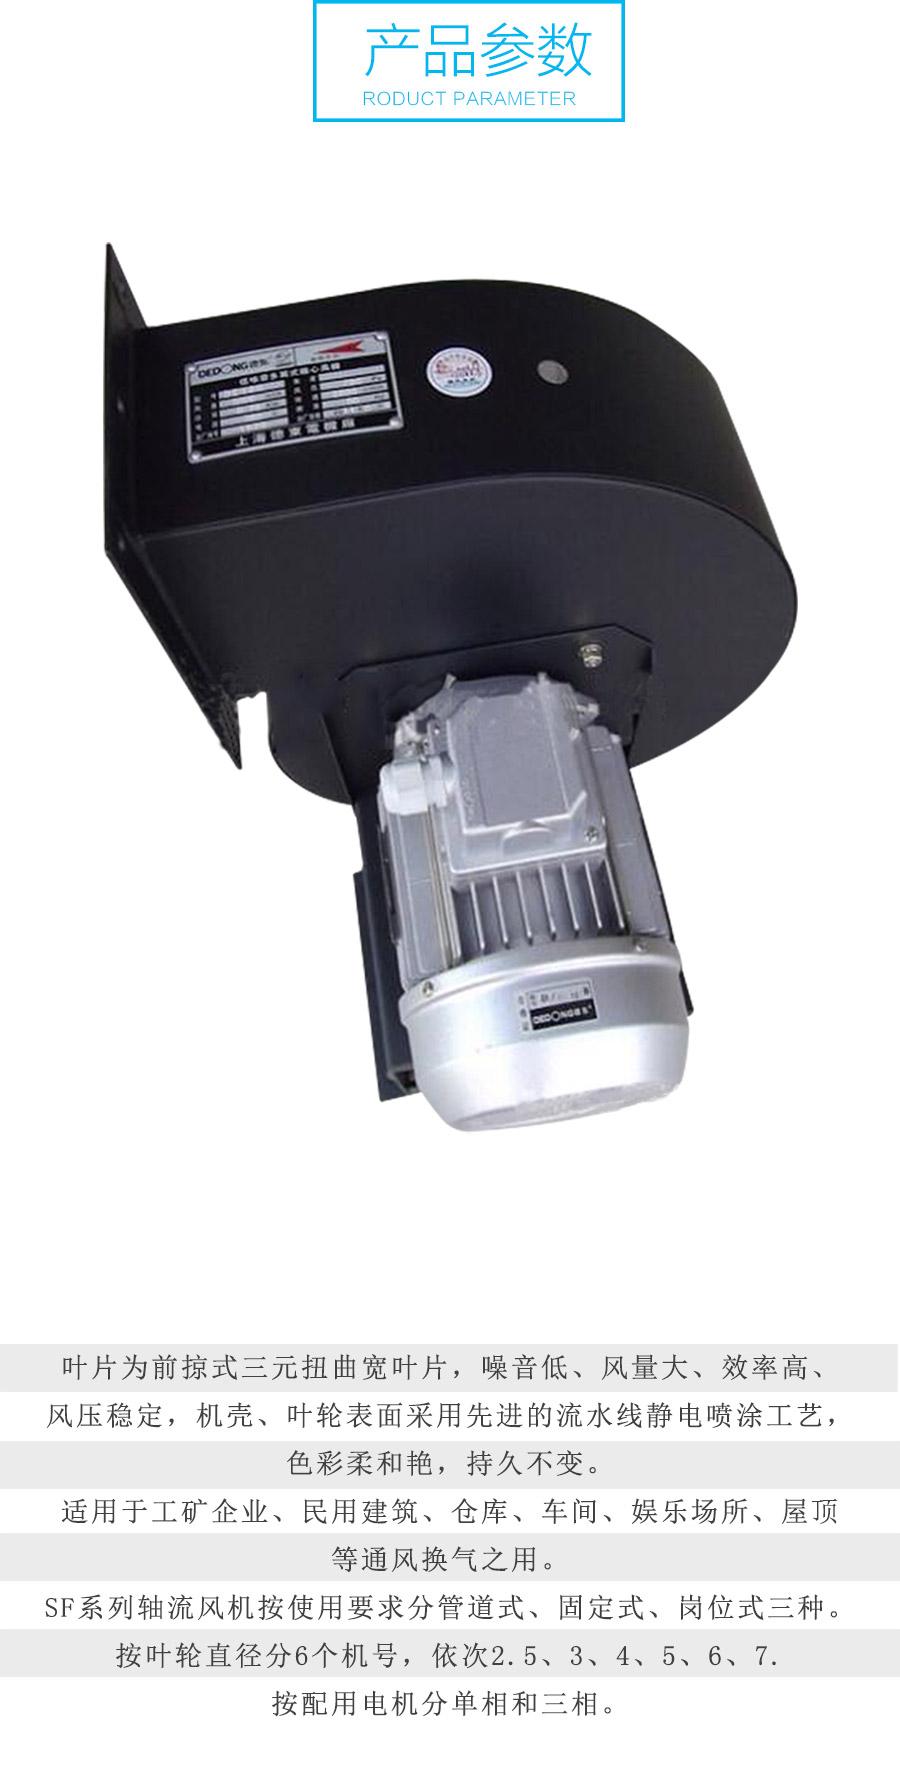 DF250-2型号电机安装和尺寸与外形尺寸图6